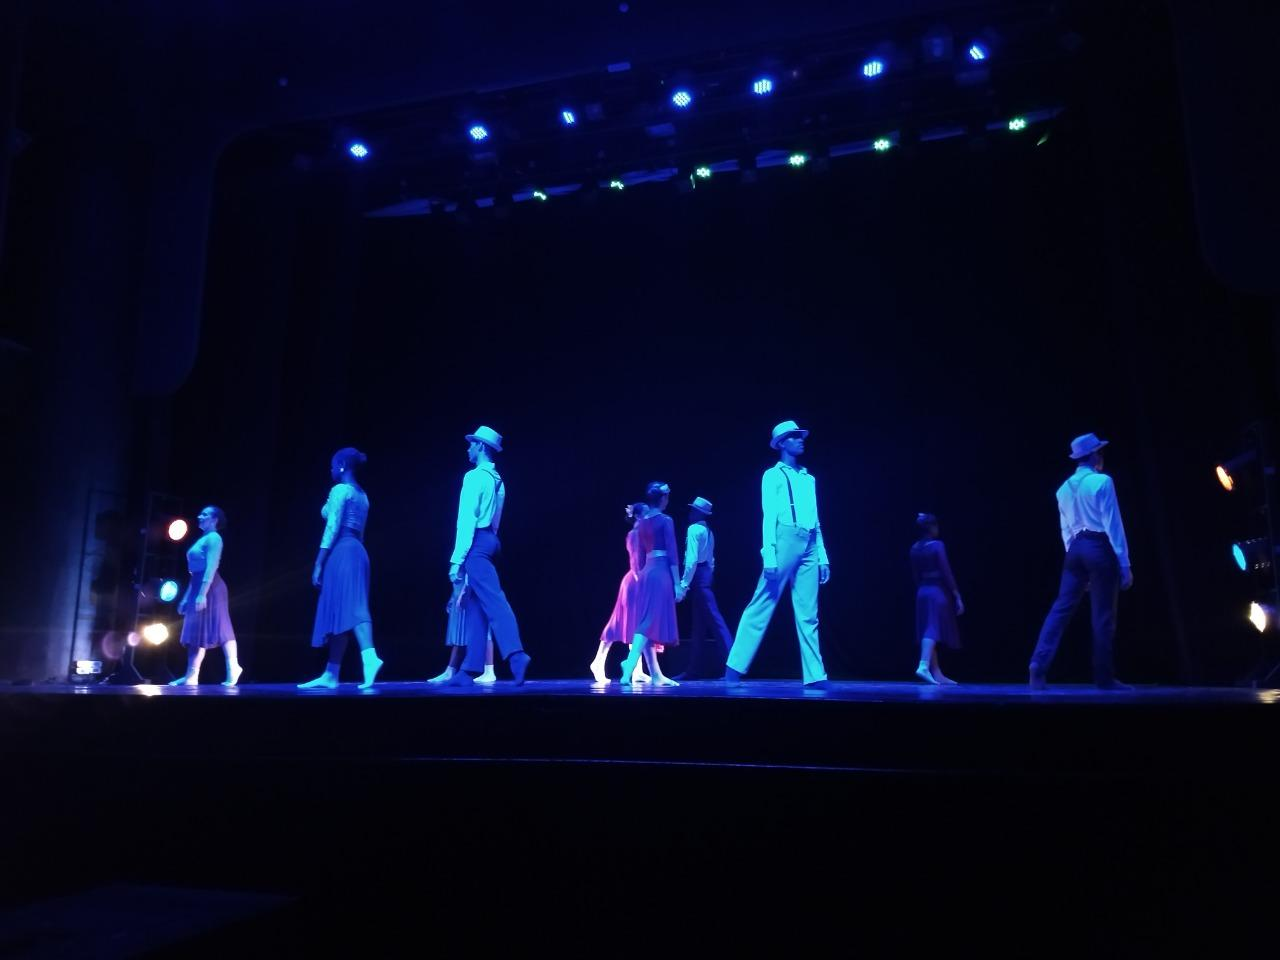 Mundo Solidário recebe espetáculo de dança contemporânea neste sábado